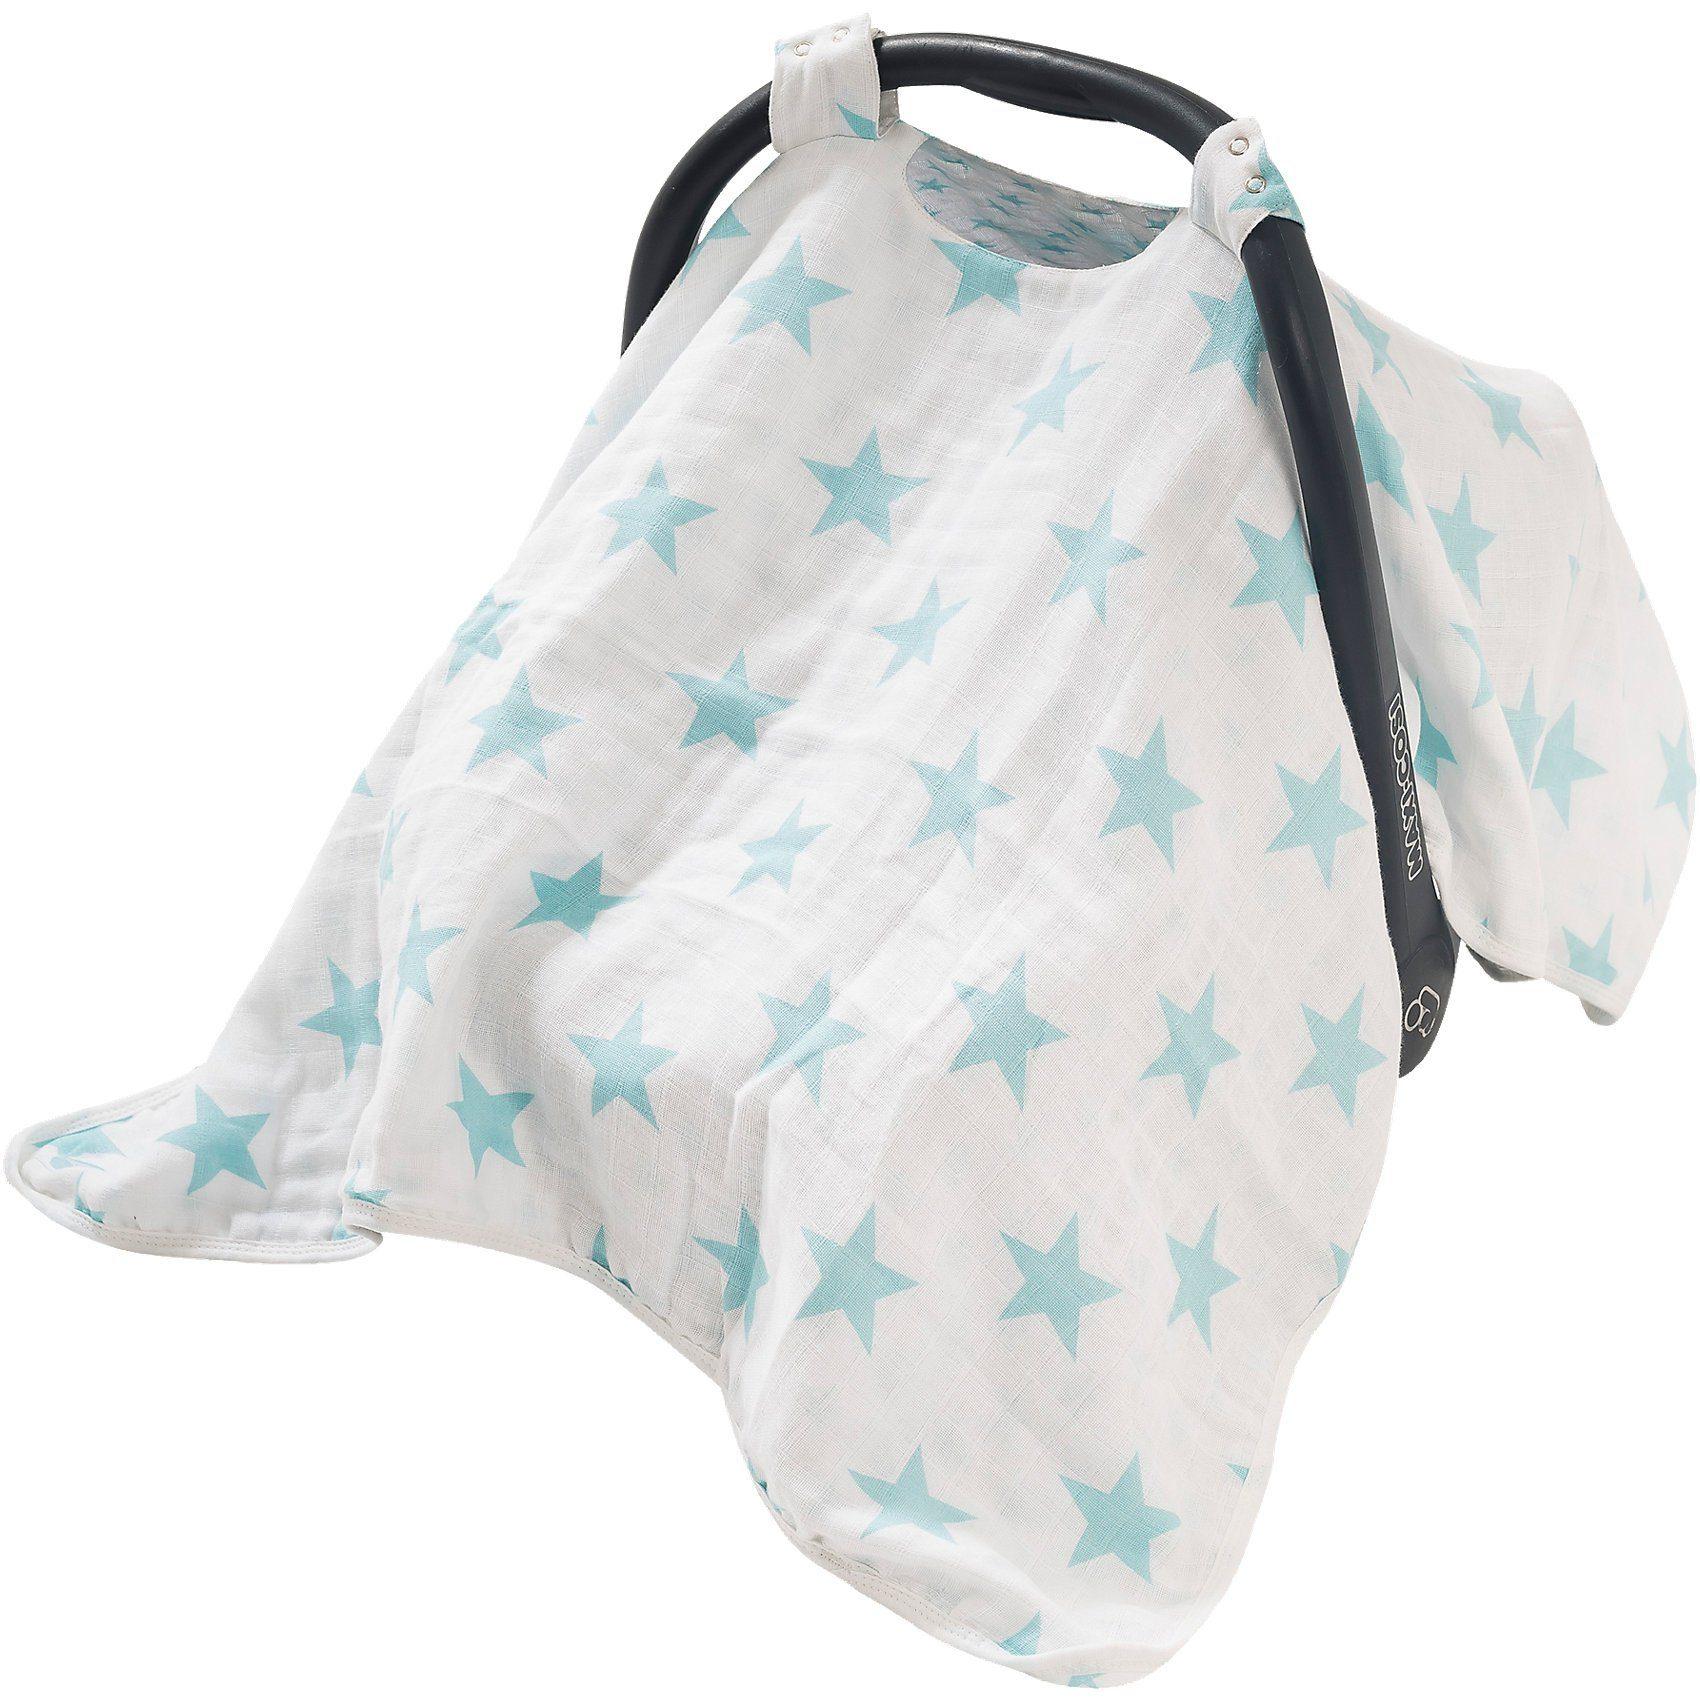 Jollein Wende- Schattenspender mit Druckknöpfen, Sterne, hellblau